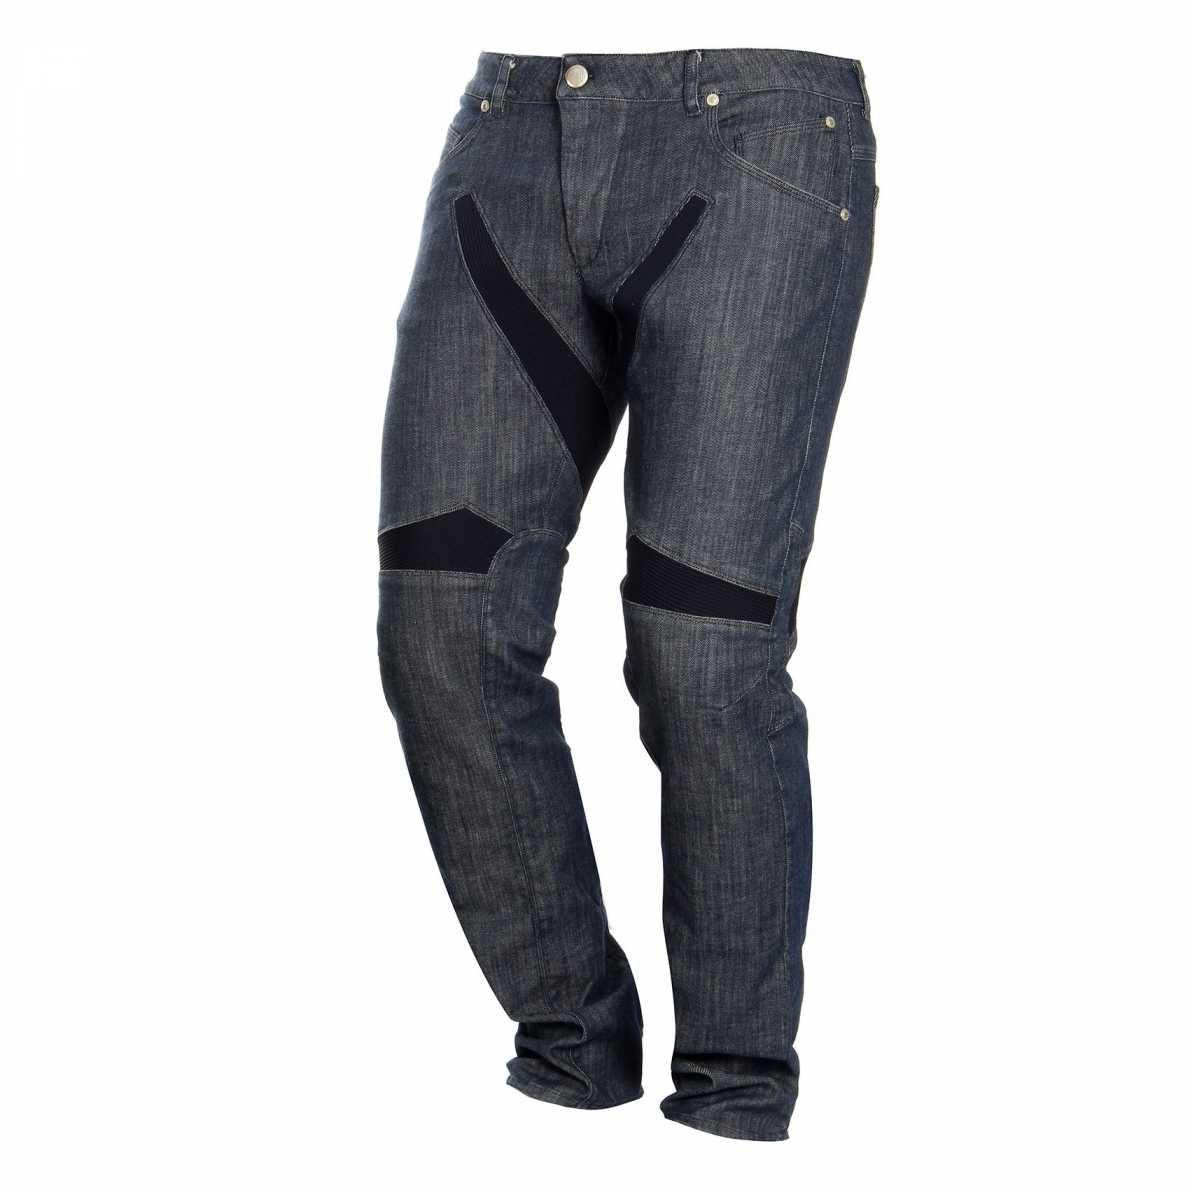 Pantalon moto BREMA 111 jeans. Crédits : ©accessoires-moto-enduro-cross.fr 2016